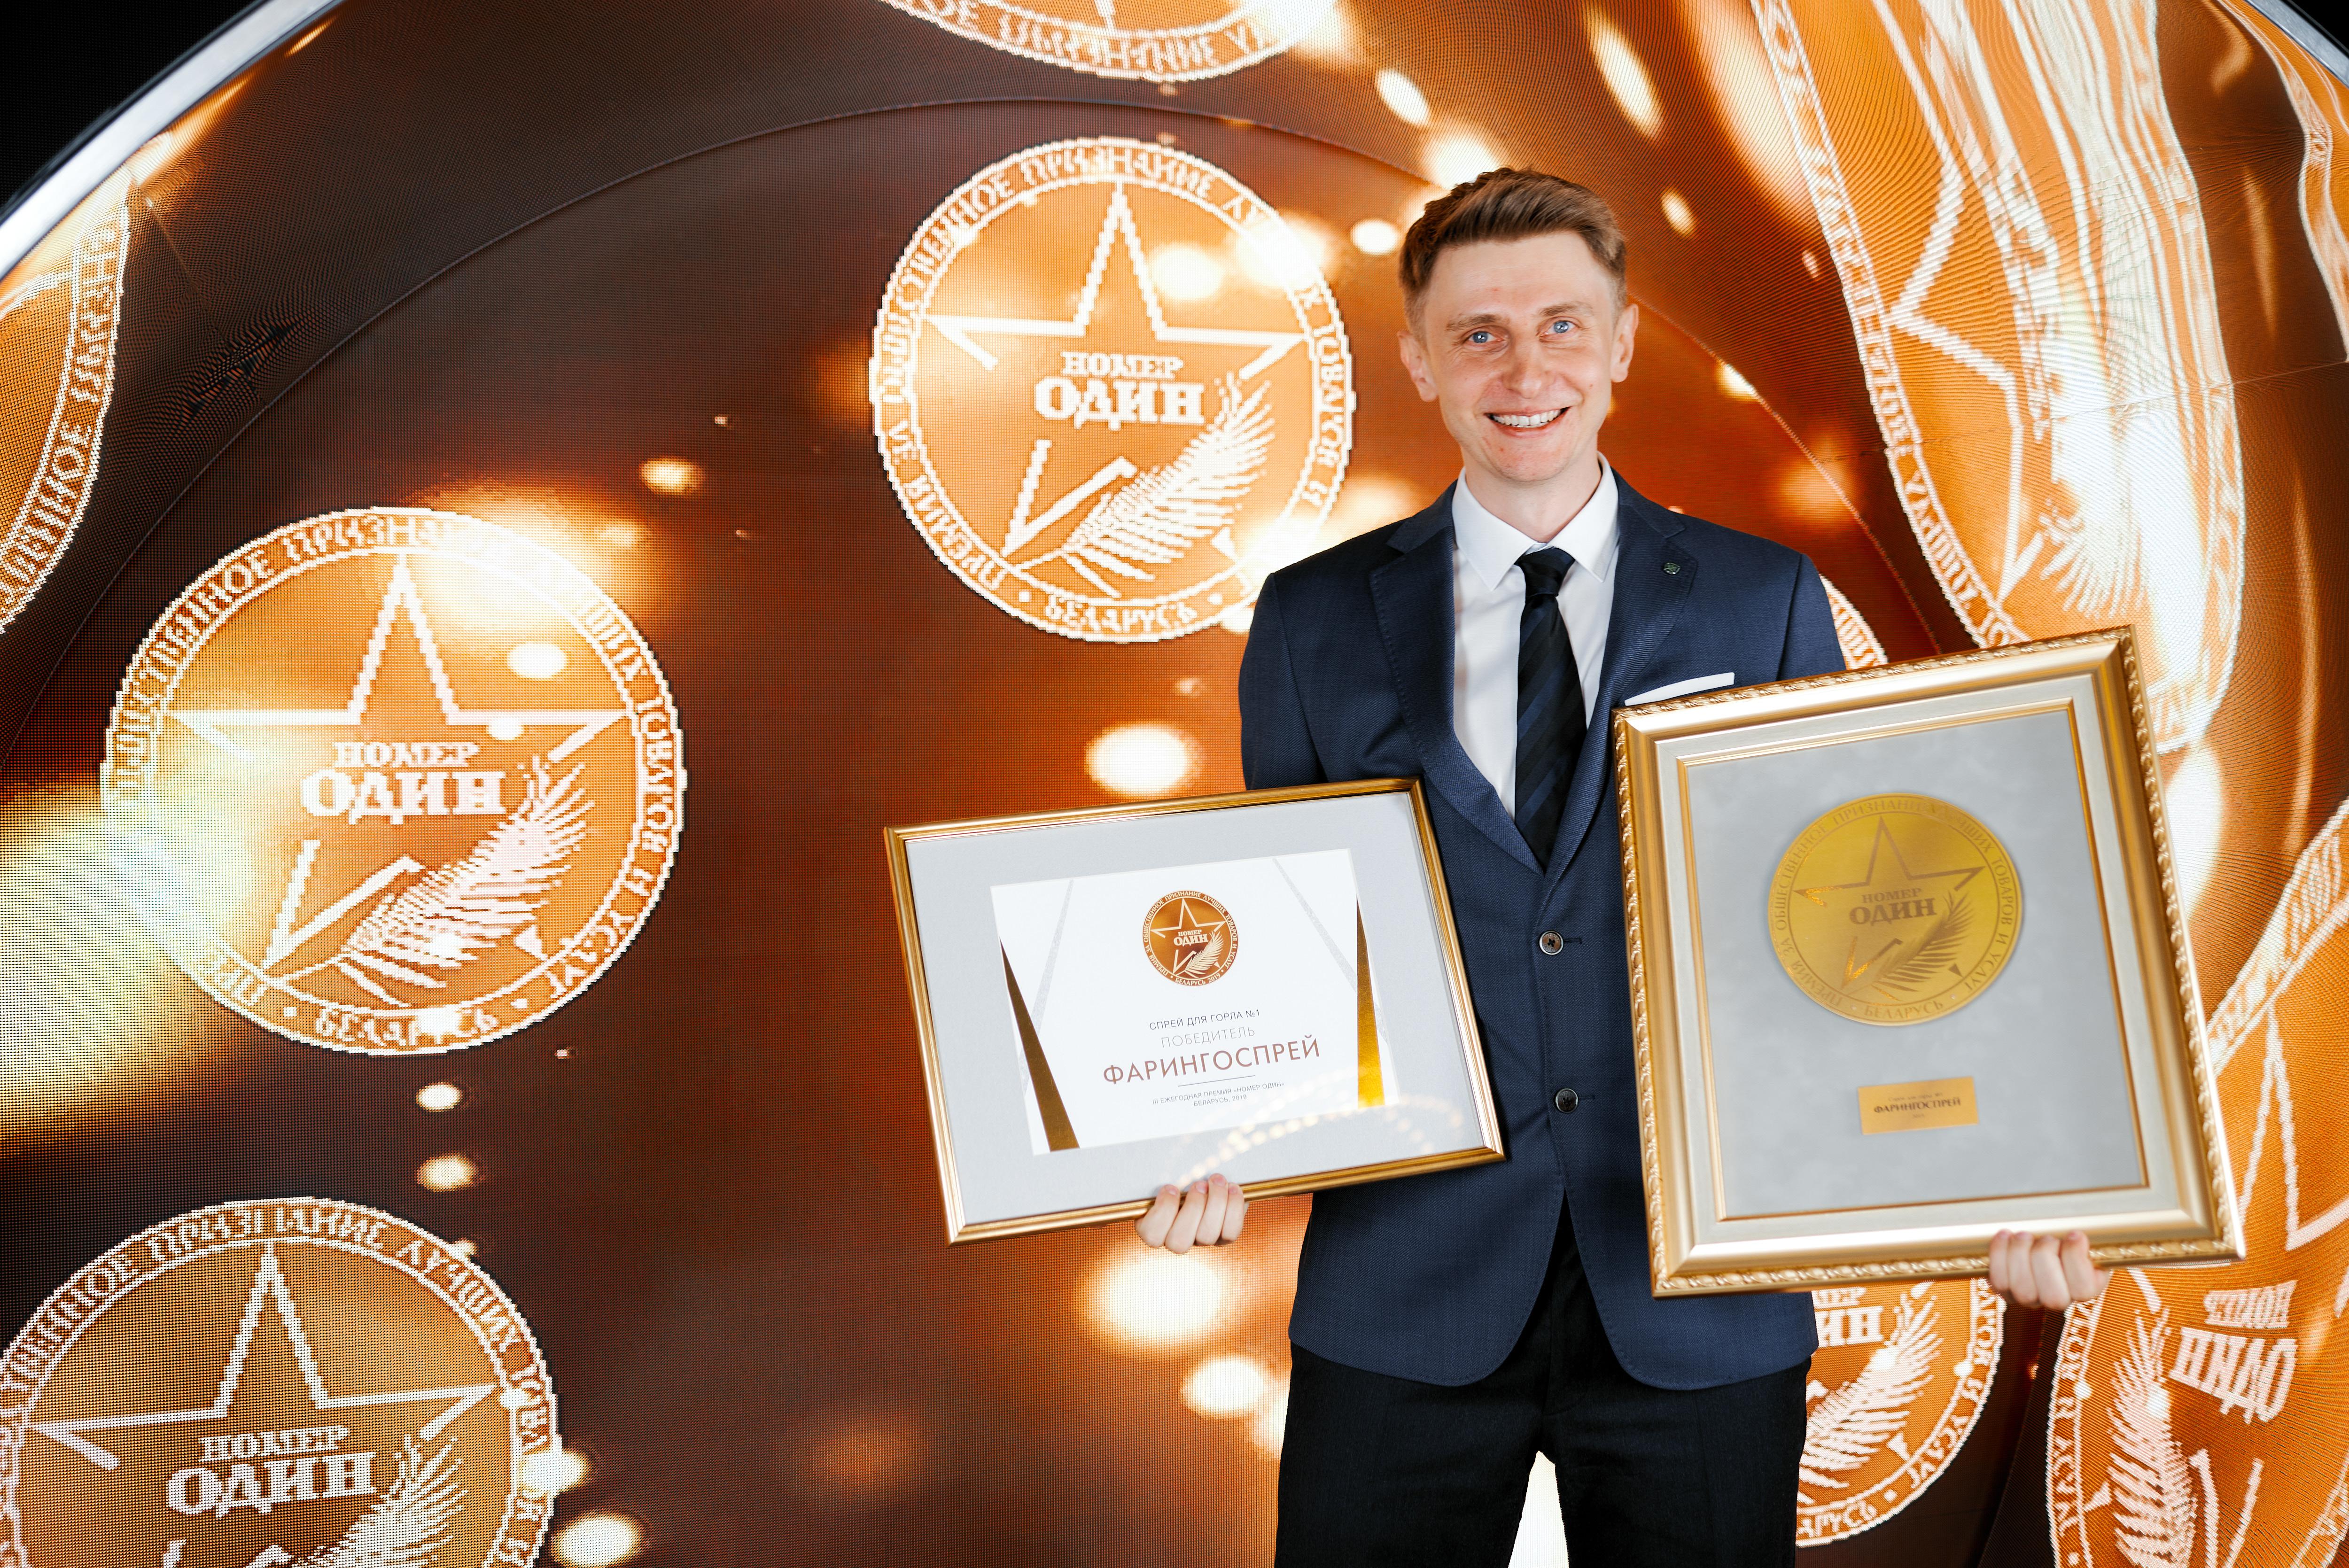 Фото с премии «Номер Один» после вручения